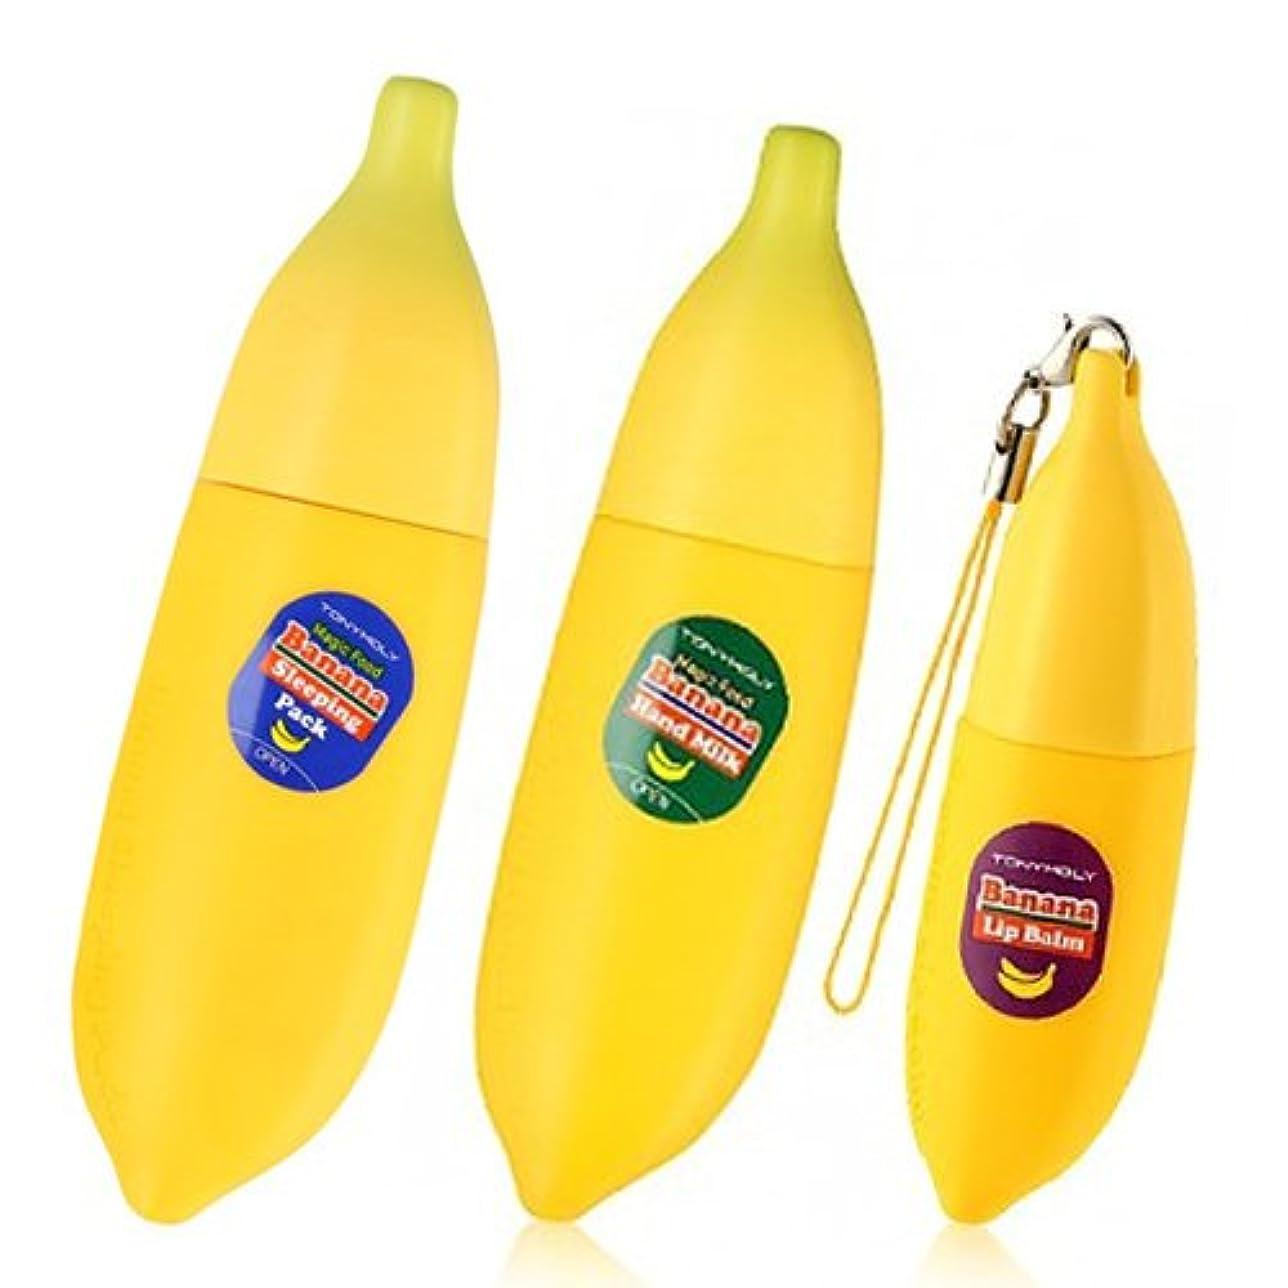 重要性出会い達成可能TONYMOLY (トニーモリ―) マジックフードバナナ3種類1セット(スリーピングパック+ハンドクリーム+リップバーム) Magic Food Banana of 3 Types (Sleeping Pack+Hand...